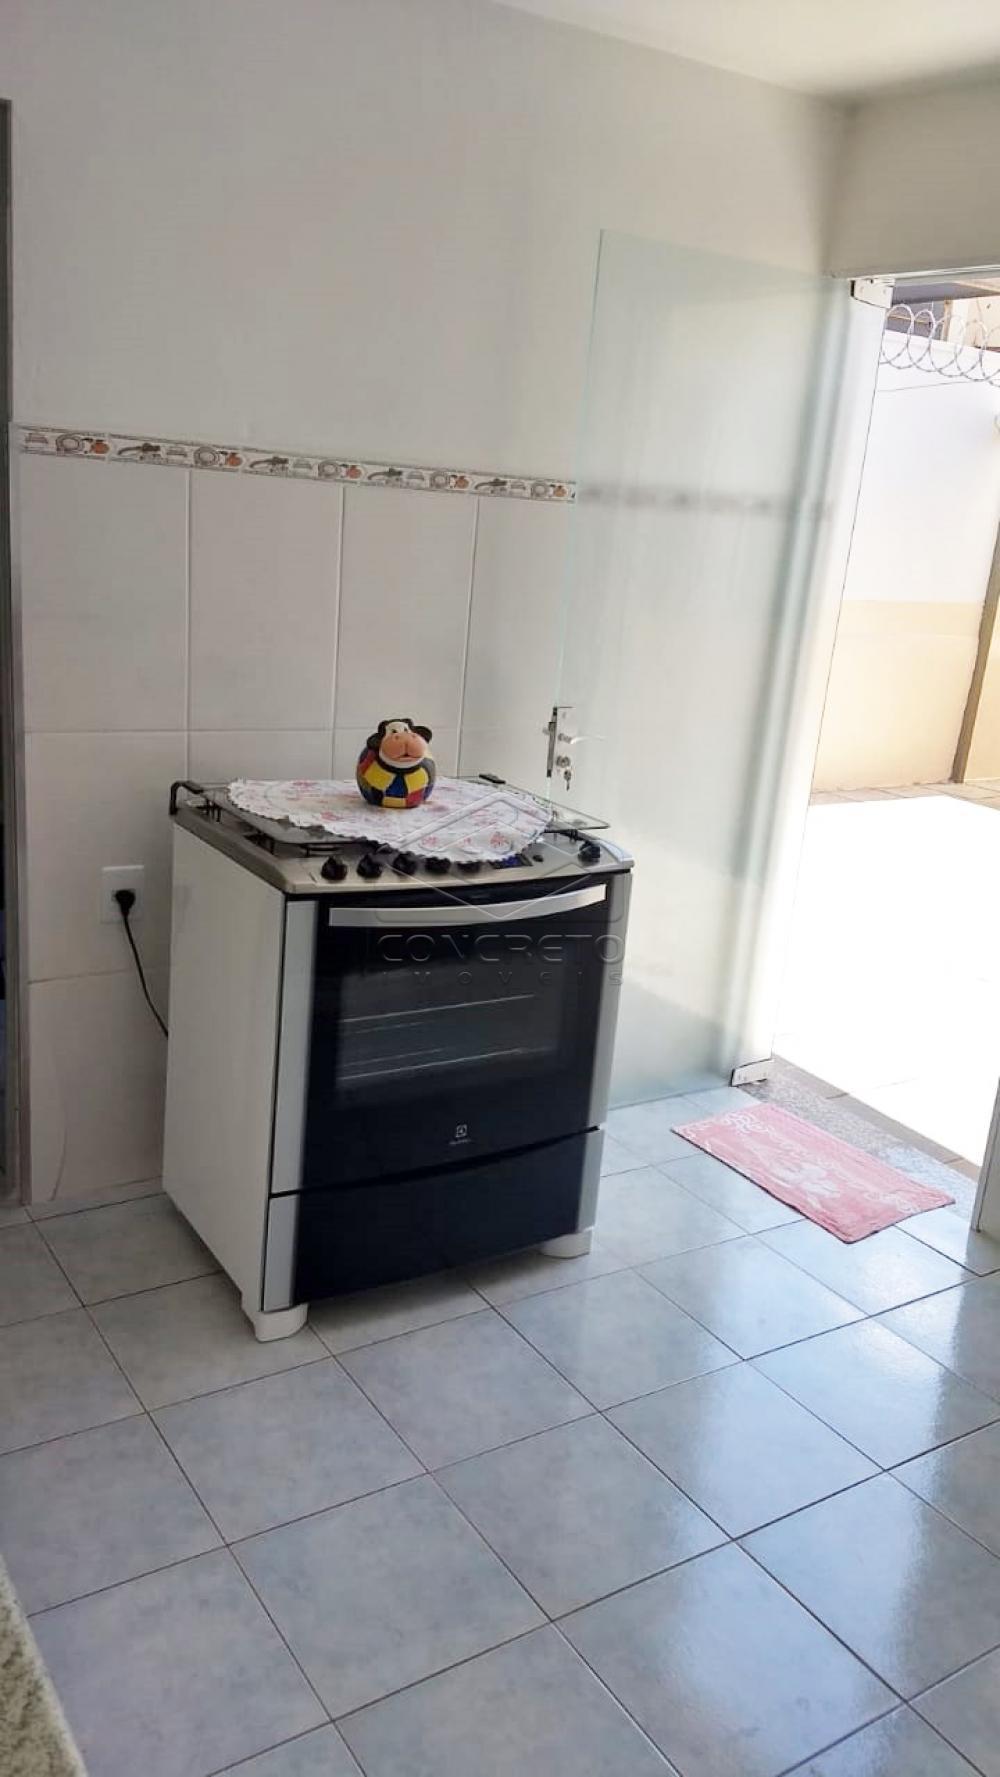 Comprar Casa / Residencia em Jaú apenas R$ 305.000,00 - Foto 20